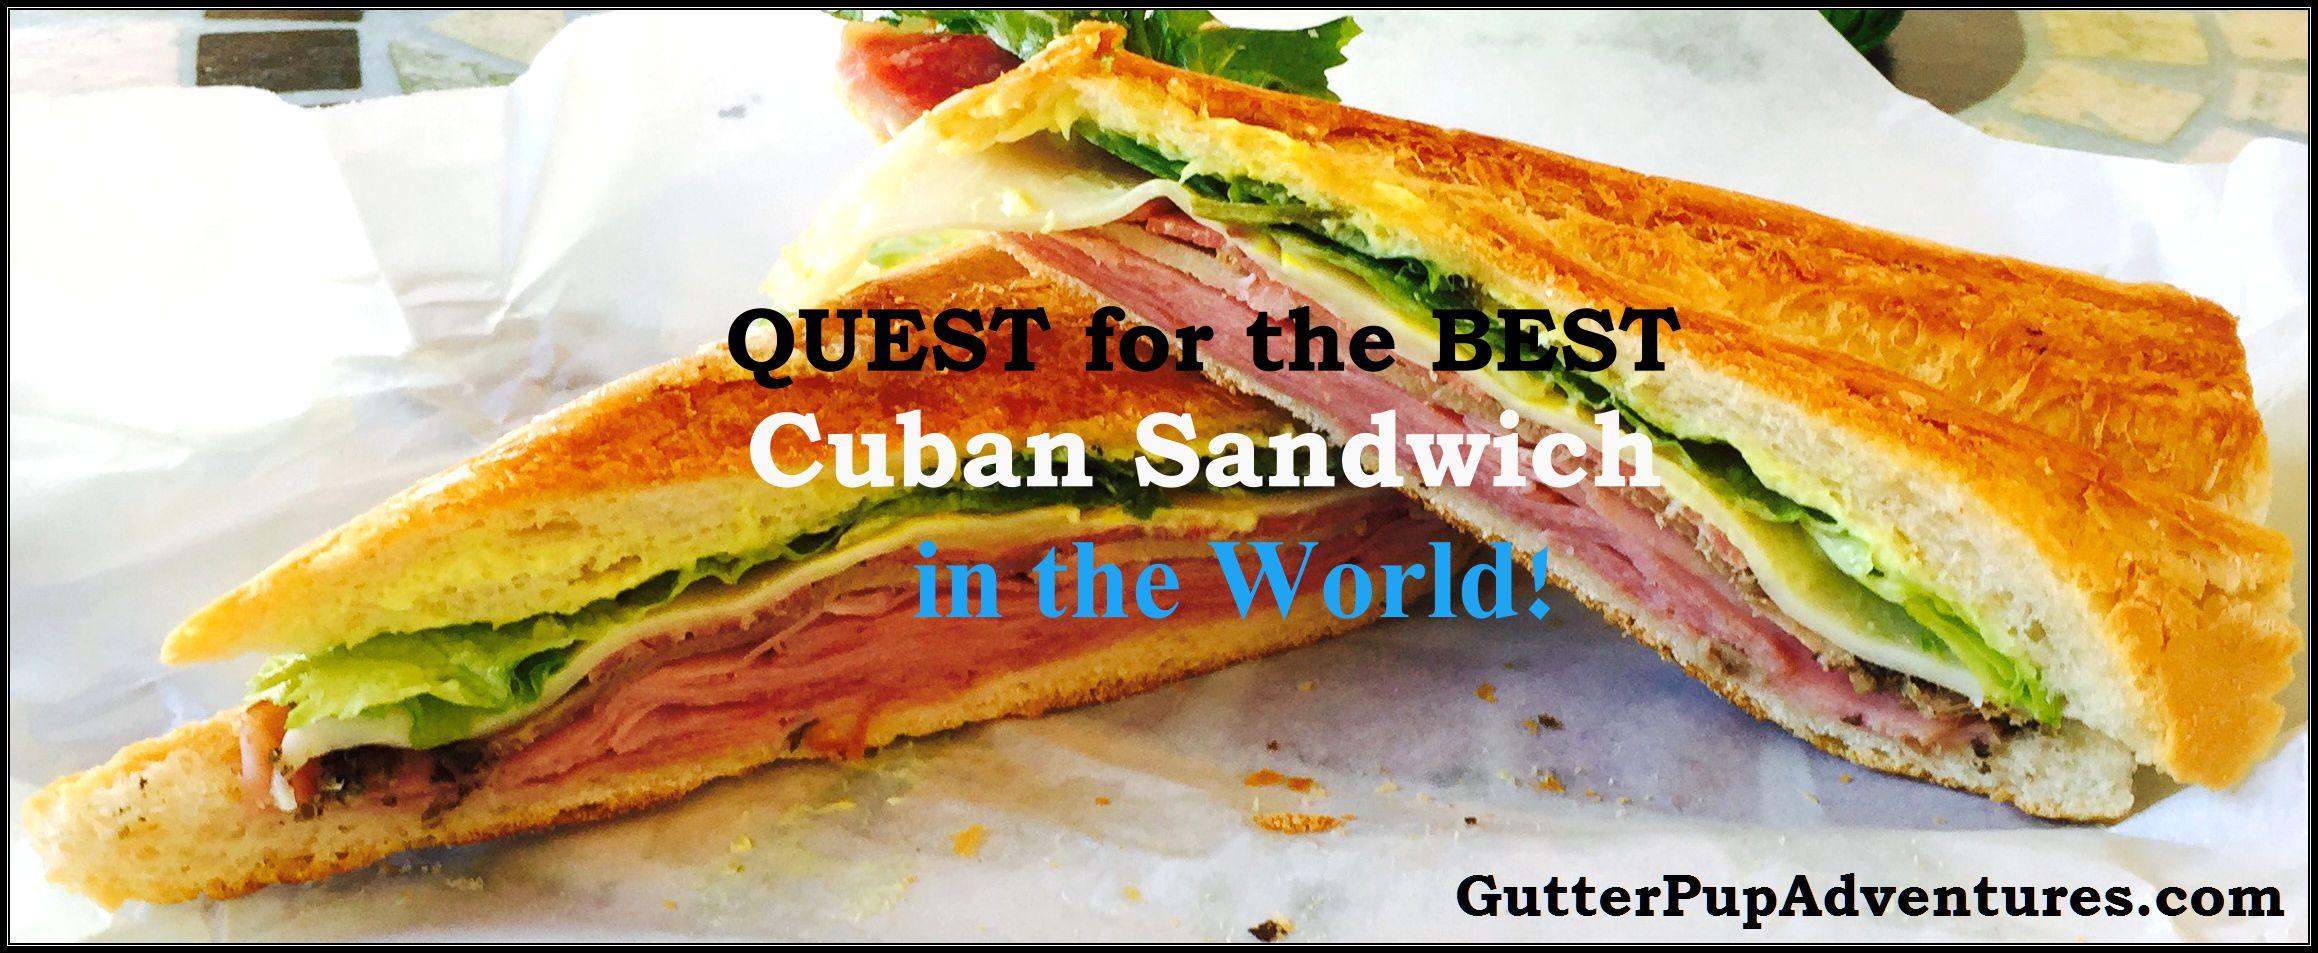 Cuba clipart sandwich shop Sandwich Quest For Best